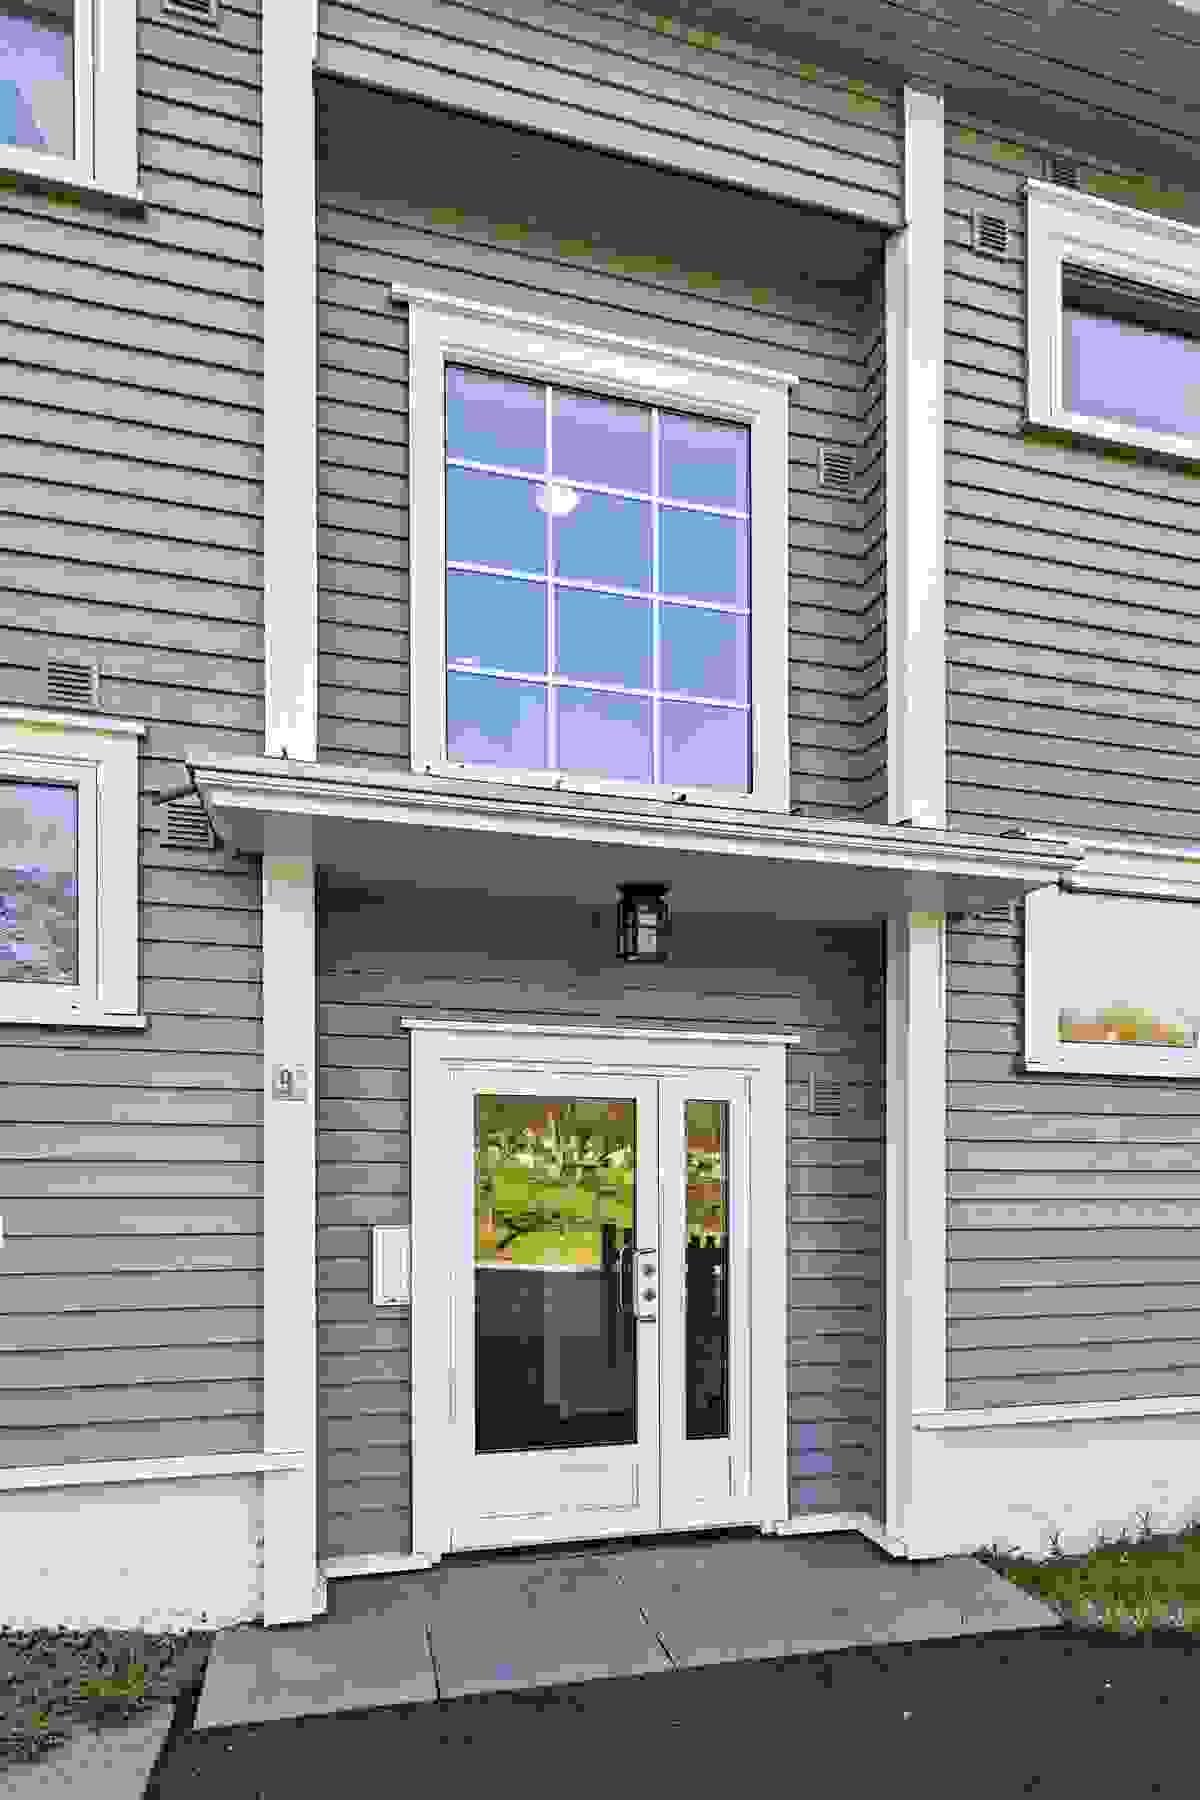 Inngangspartiet med ny dør gir boligen et moderne tilsnitt og gir et hyggelig og ryddig inntrykk